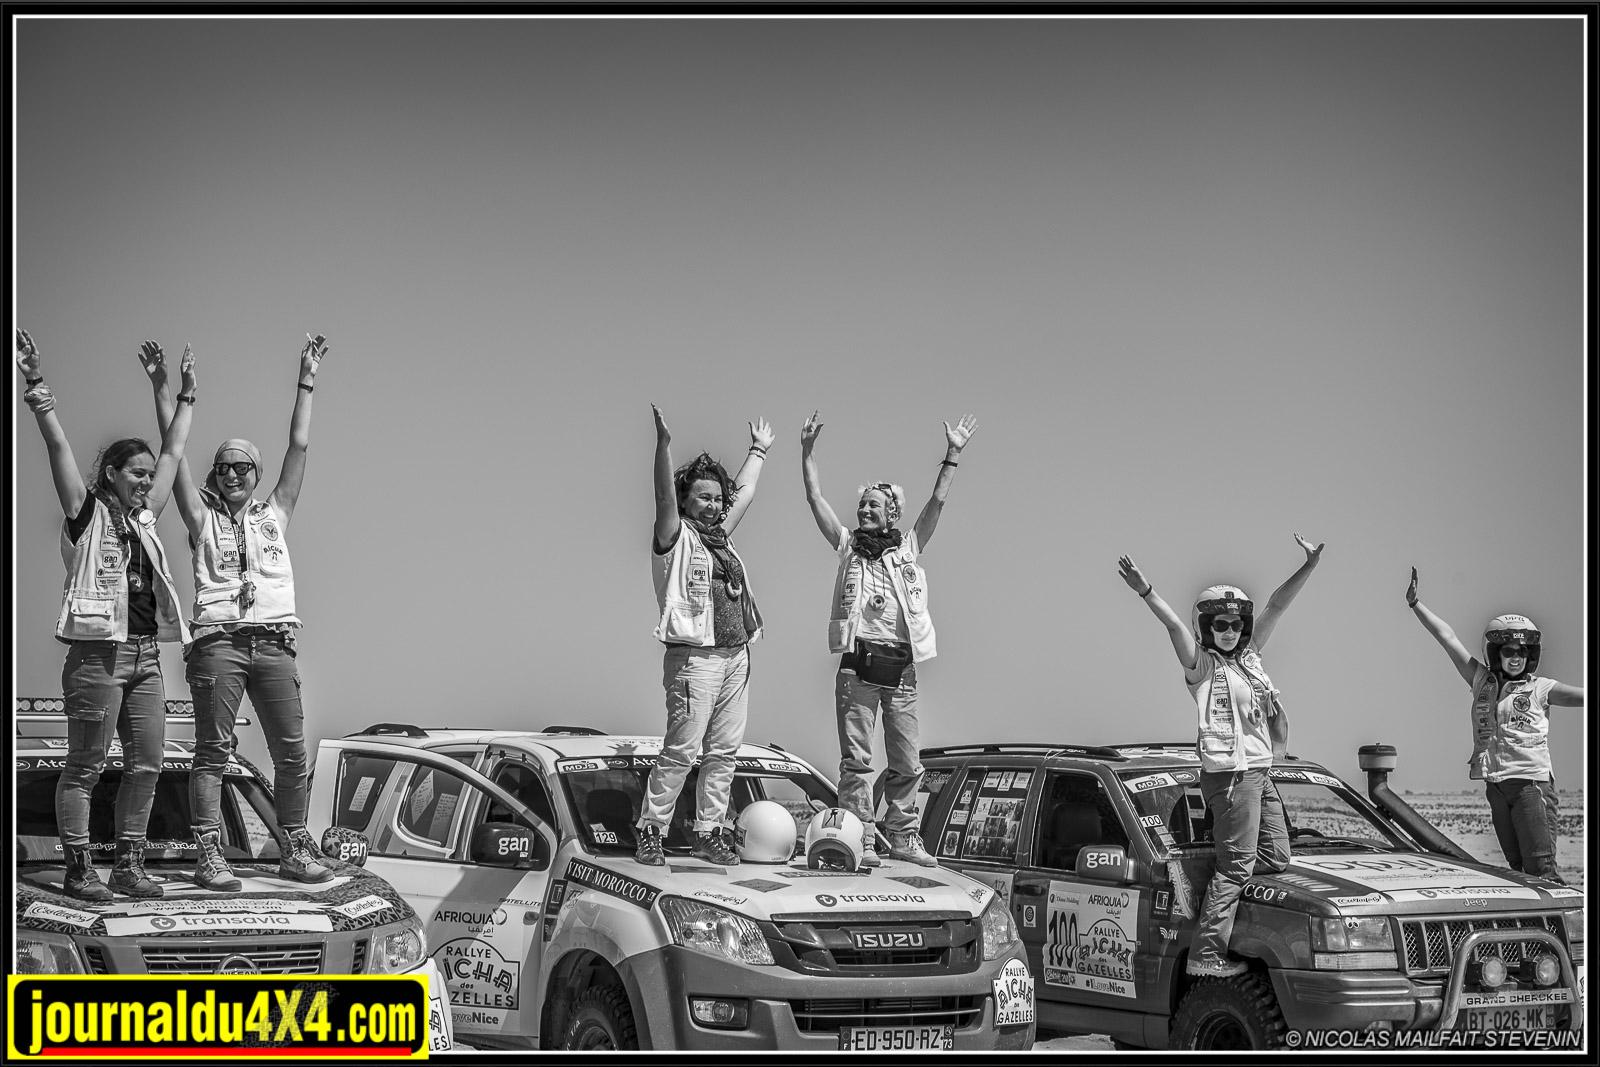 rallye-aicha-gazelles-maroc-2017-7813.jpg